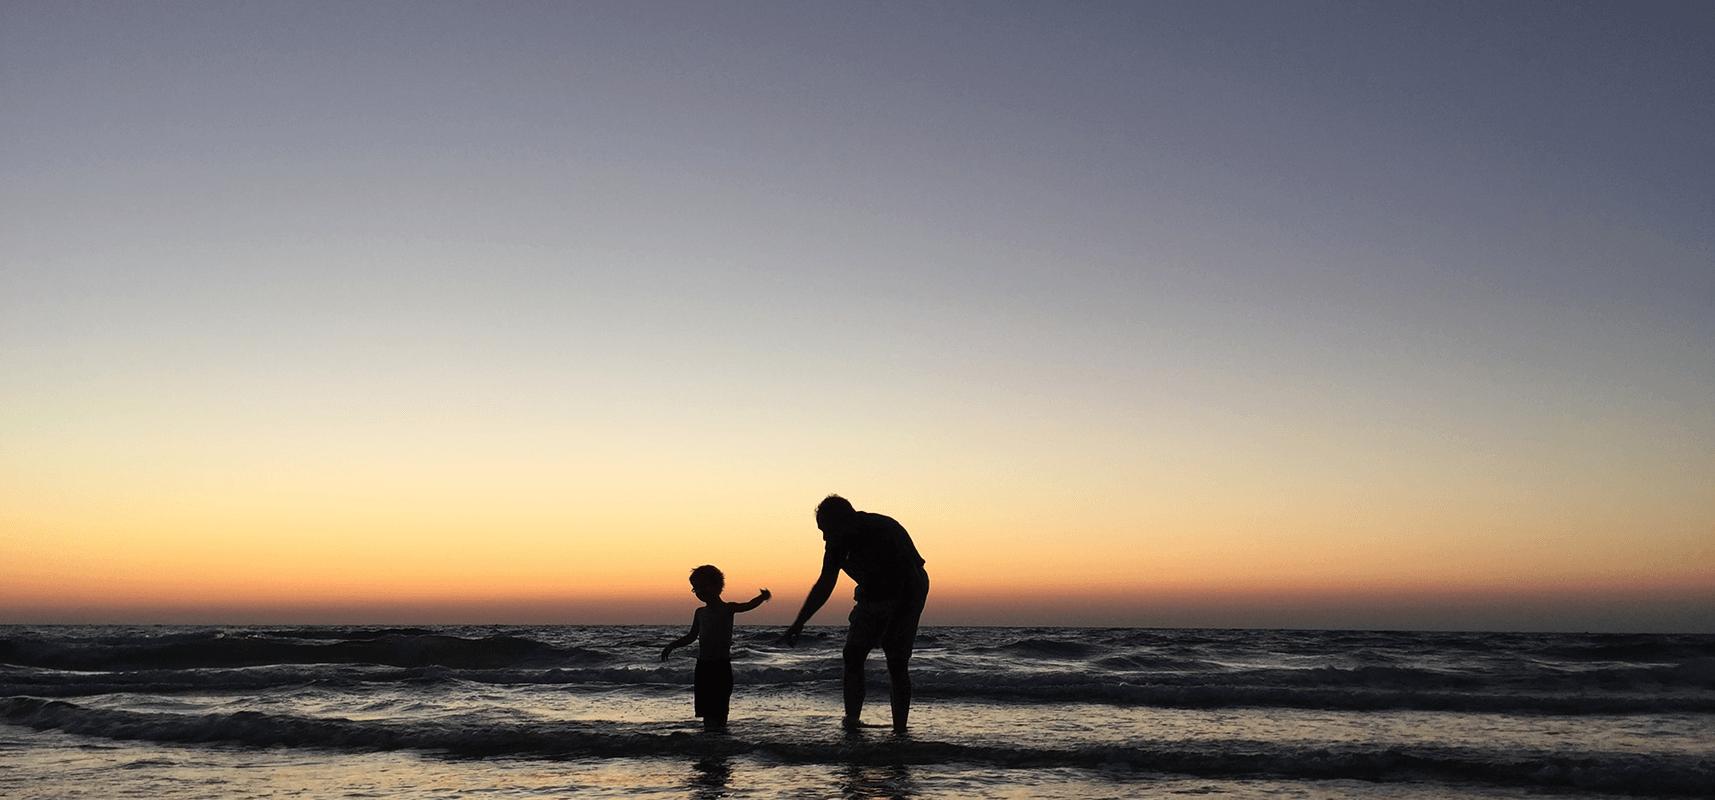 Grand-père et son petit fils sur la place entrain de s'amuser